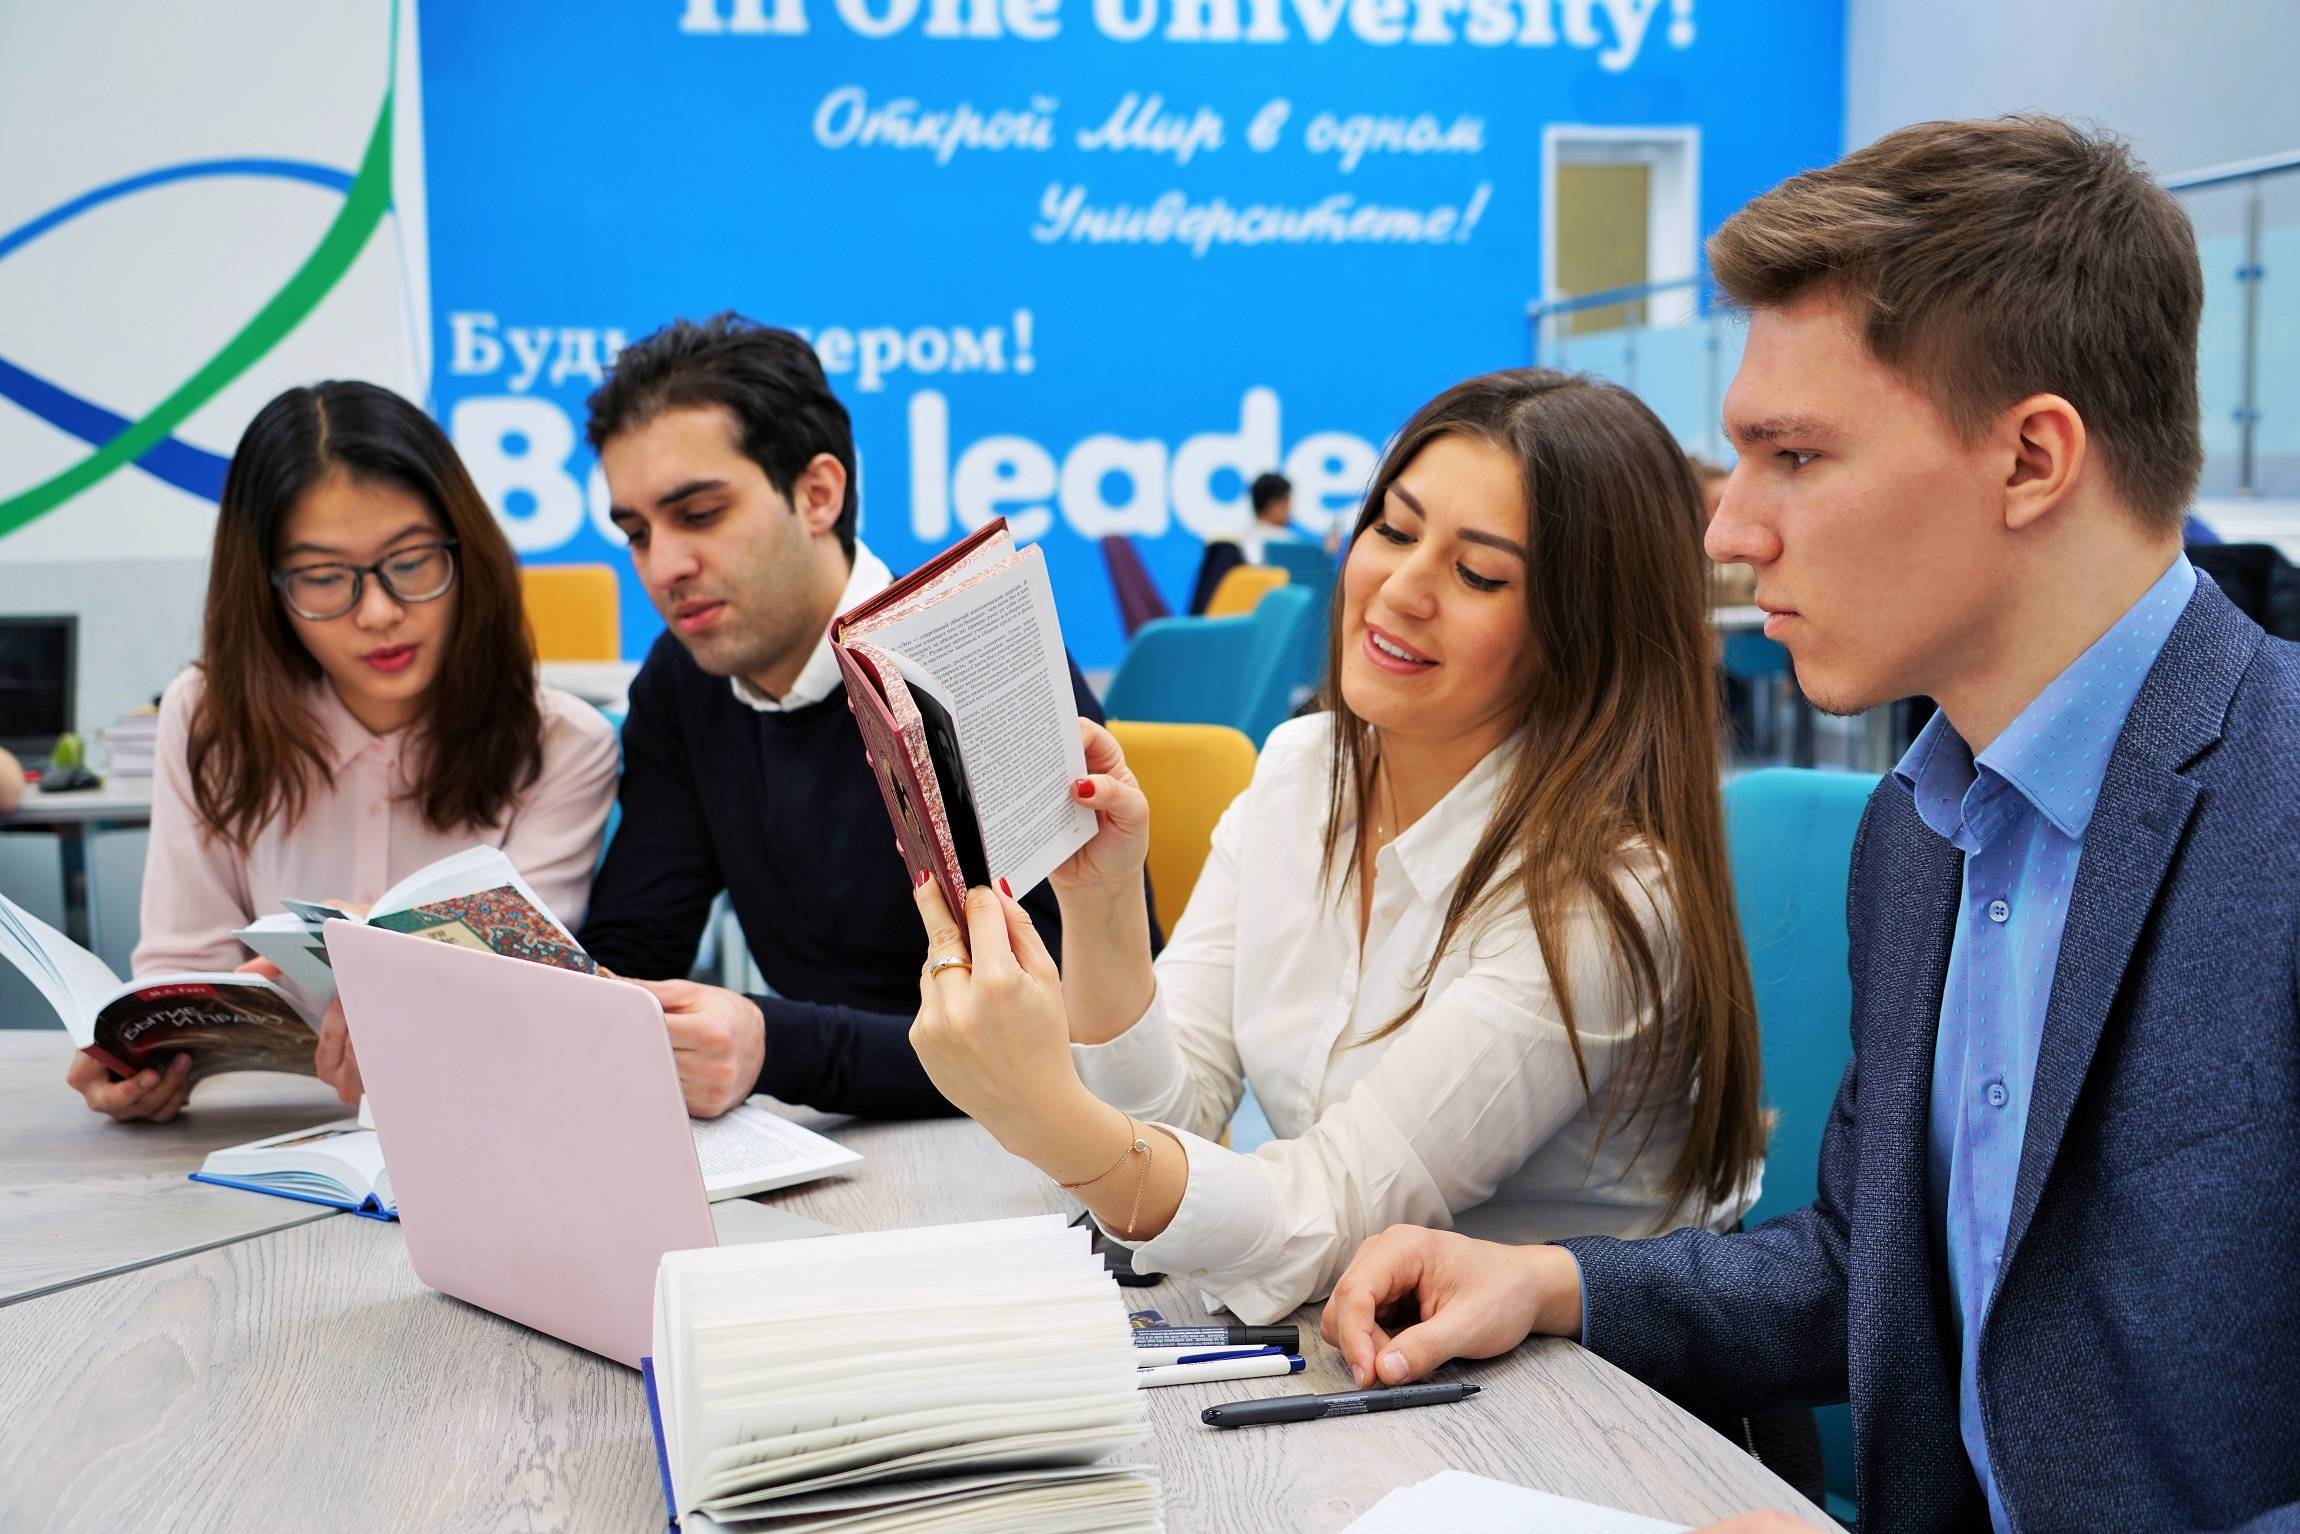 Как поступить в российский университет? пошаговая инструкция для иностранцев.